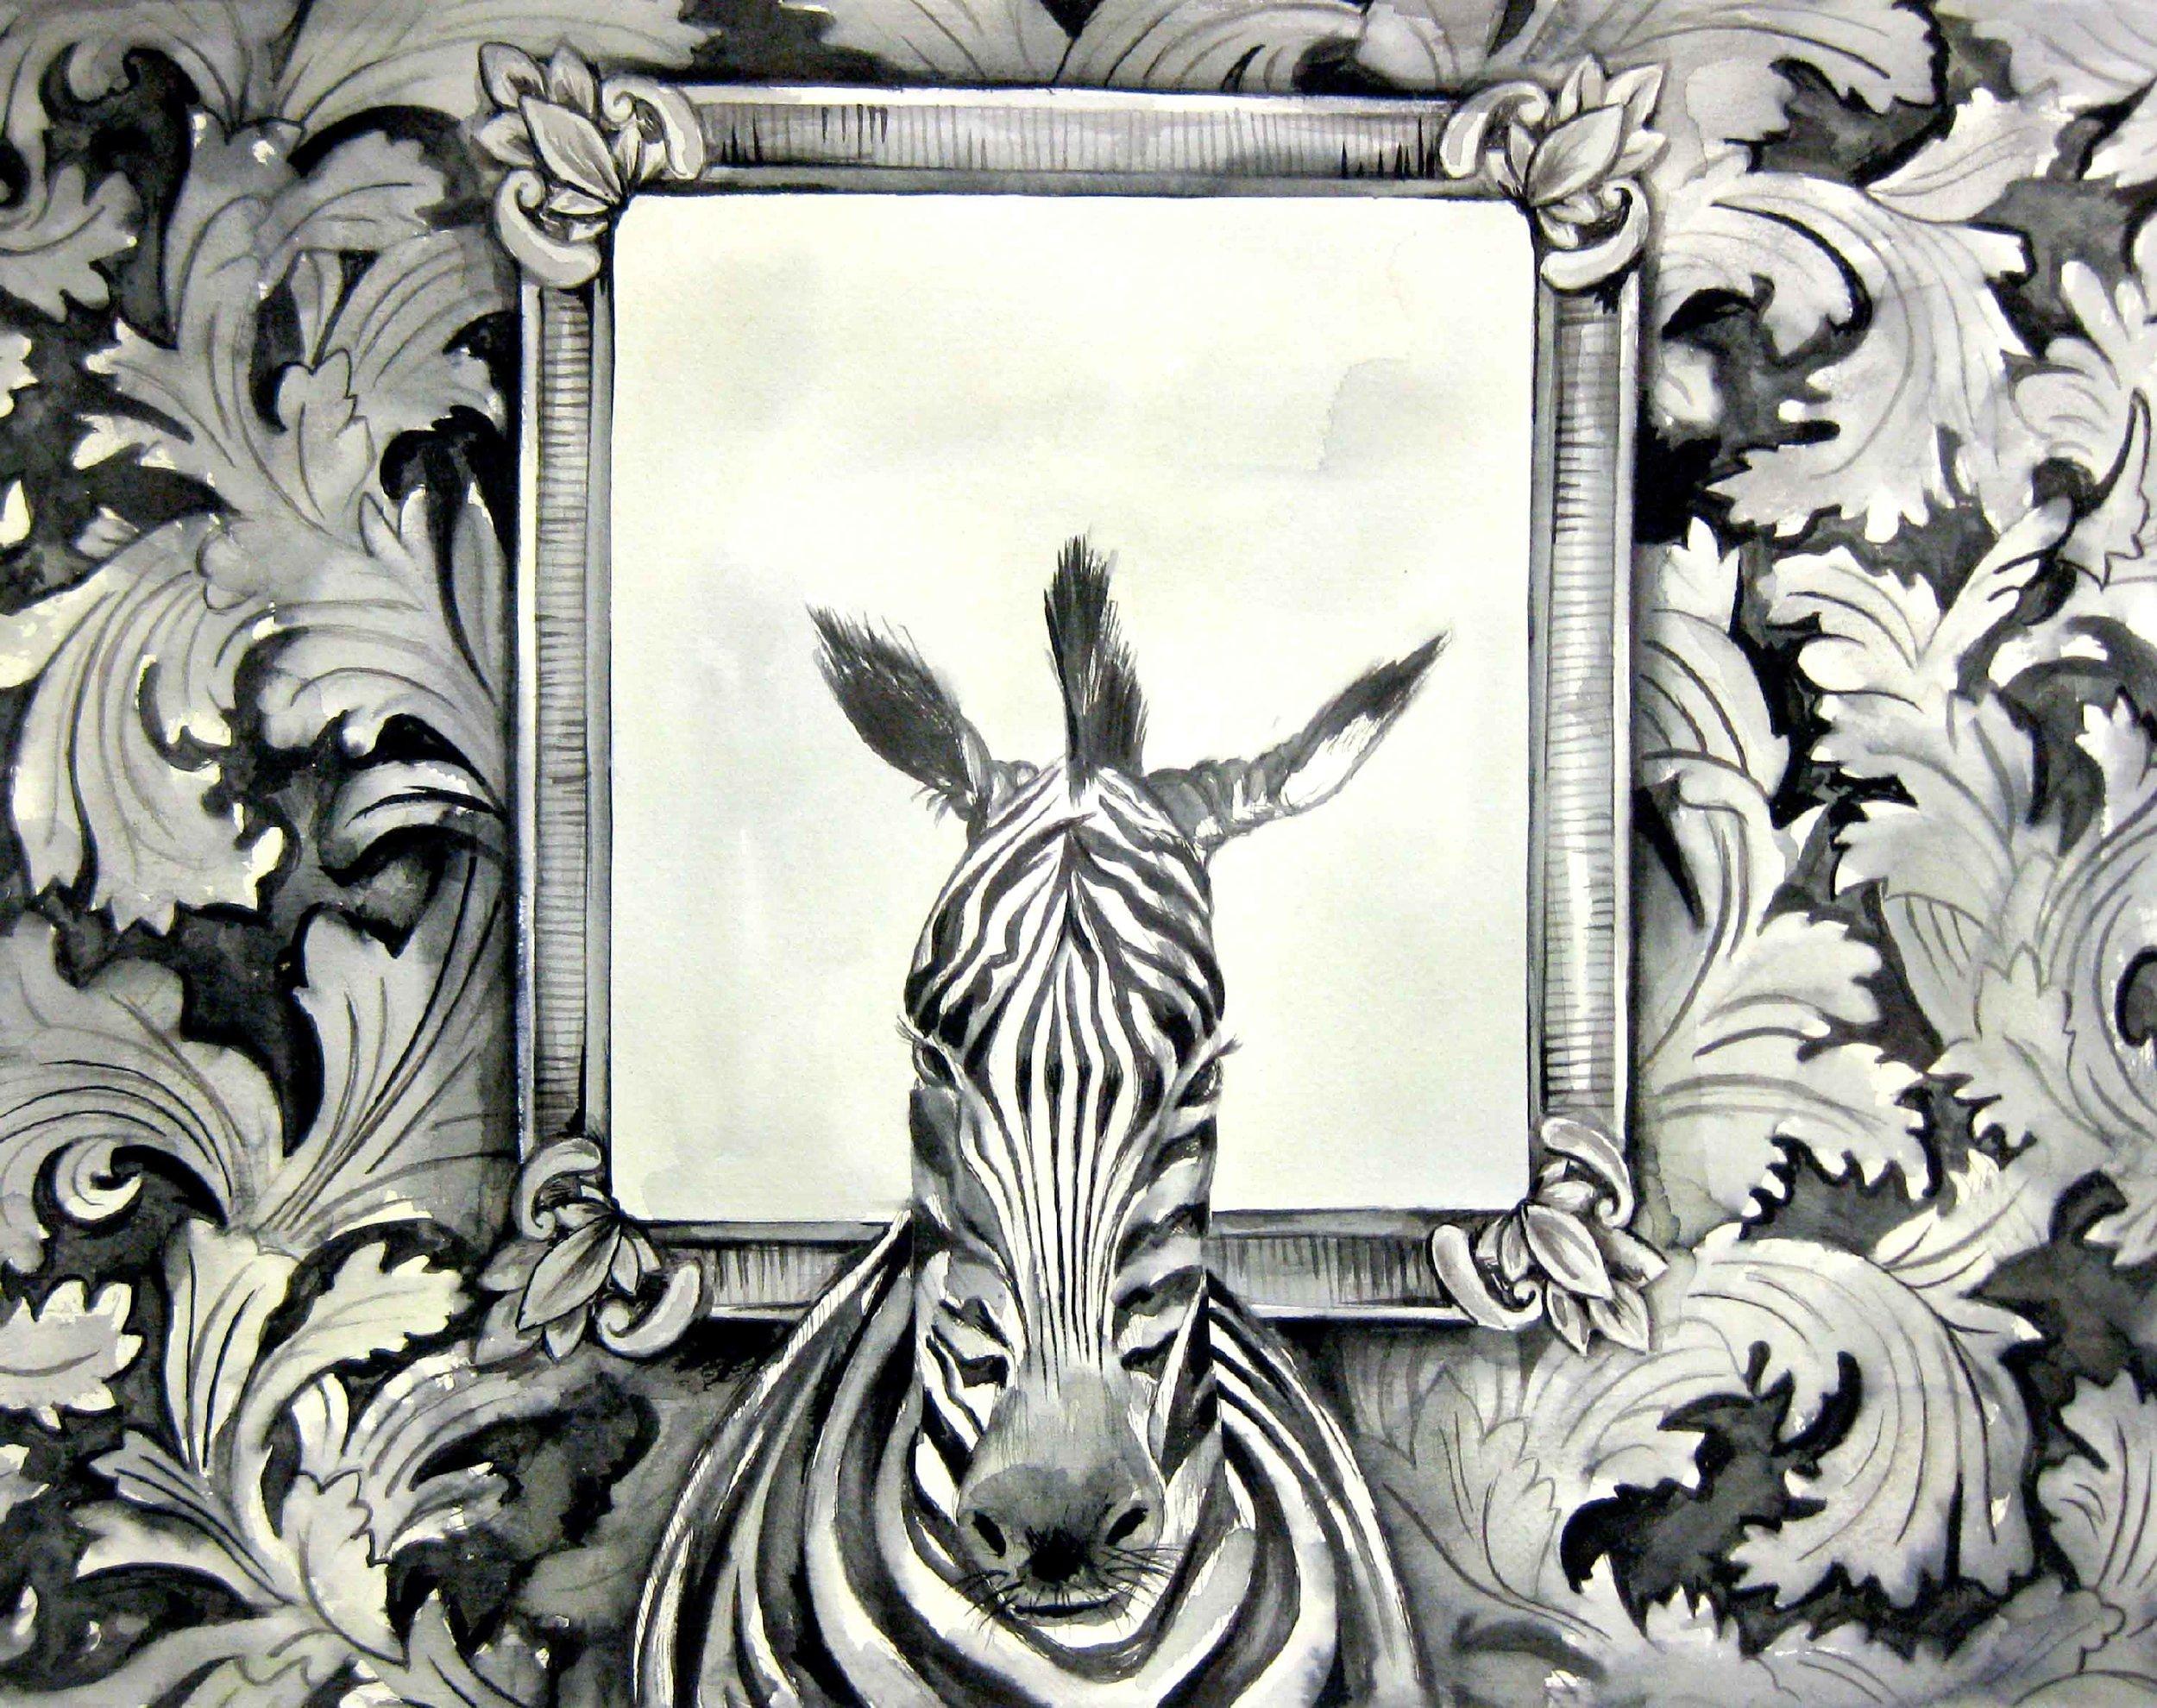 09_PP_SEG_zebra.jpg